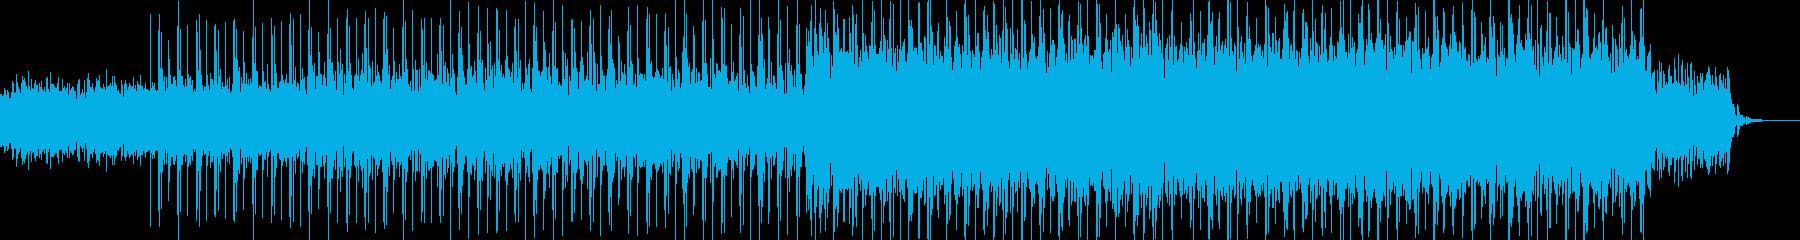 ギターとエレピのバックグラウンドヒップホの再生済みの波形